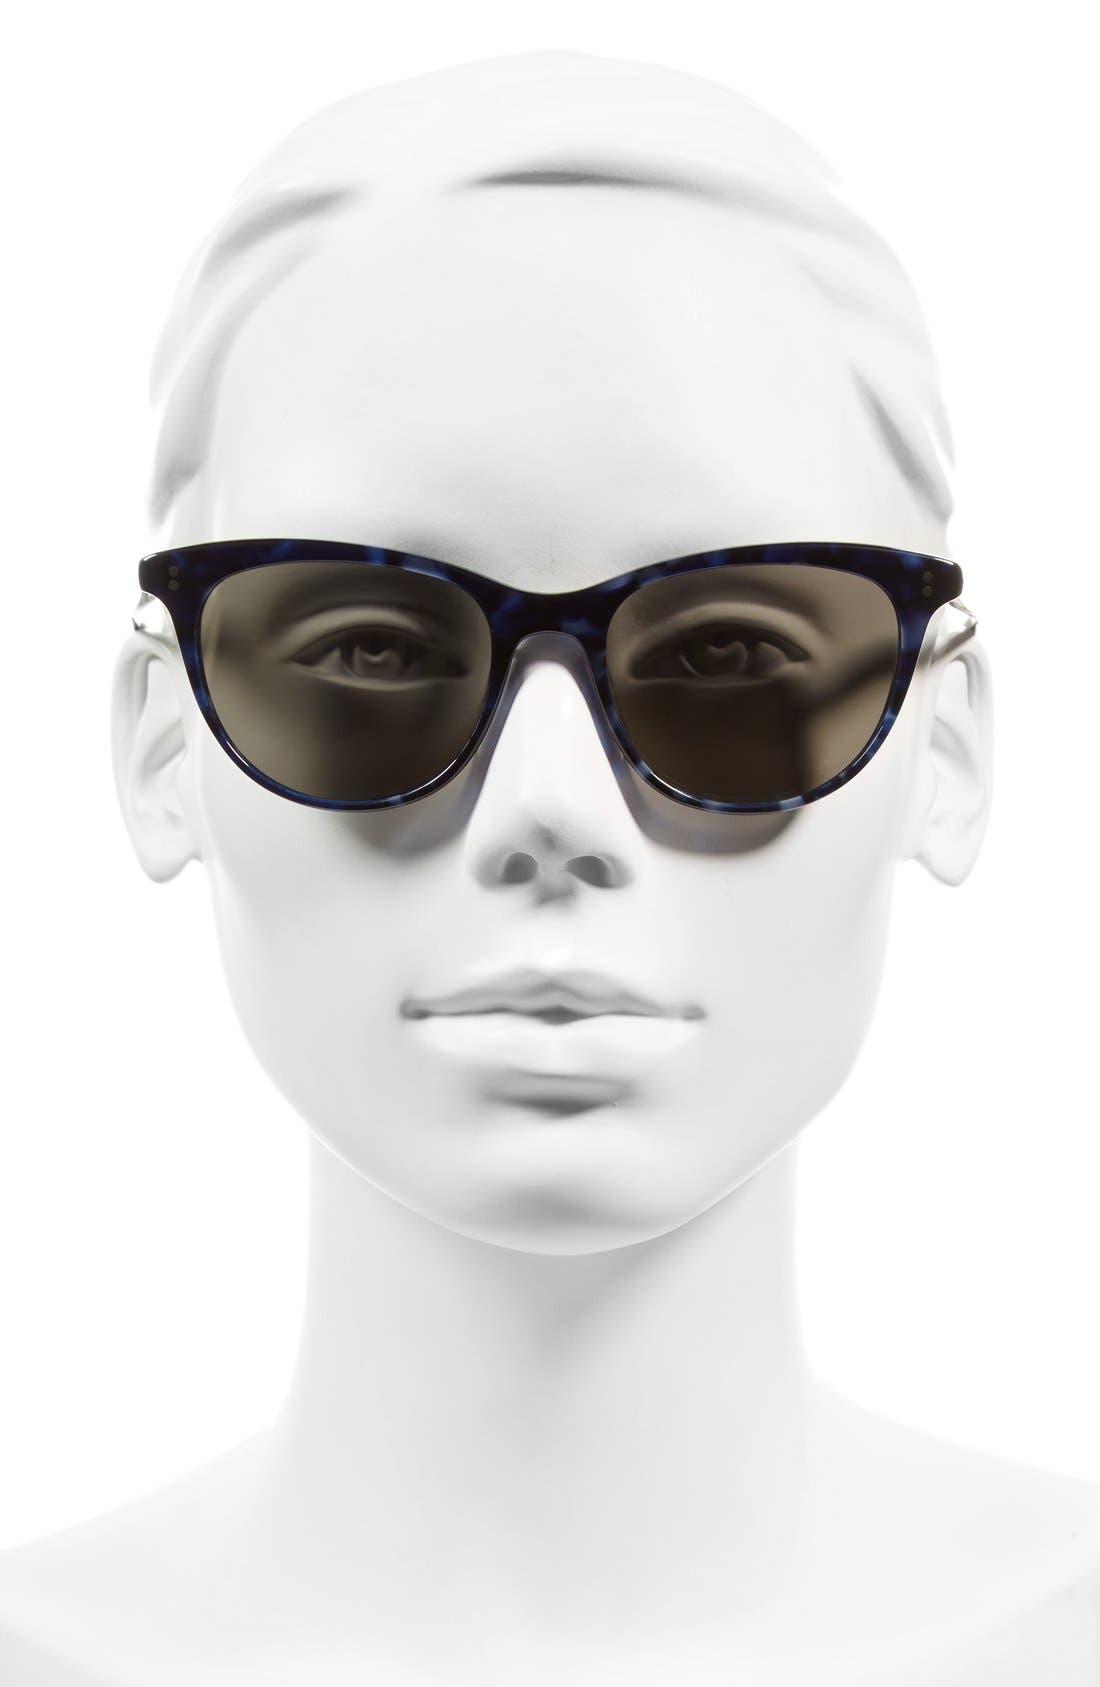 Jardinette 52mm Cat Eye Sunglasses,                             Alternate thumbnail 2, color,                             BLUE